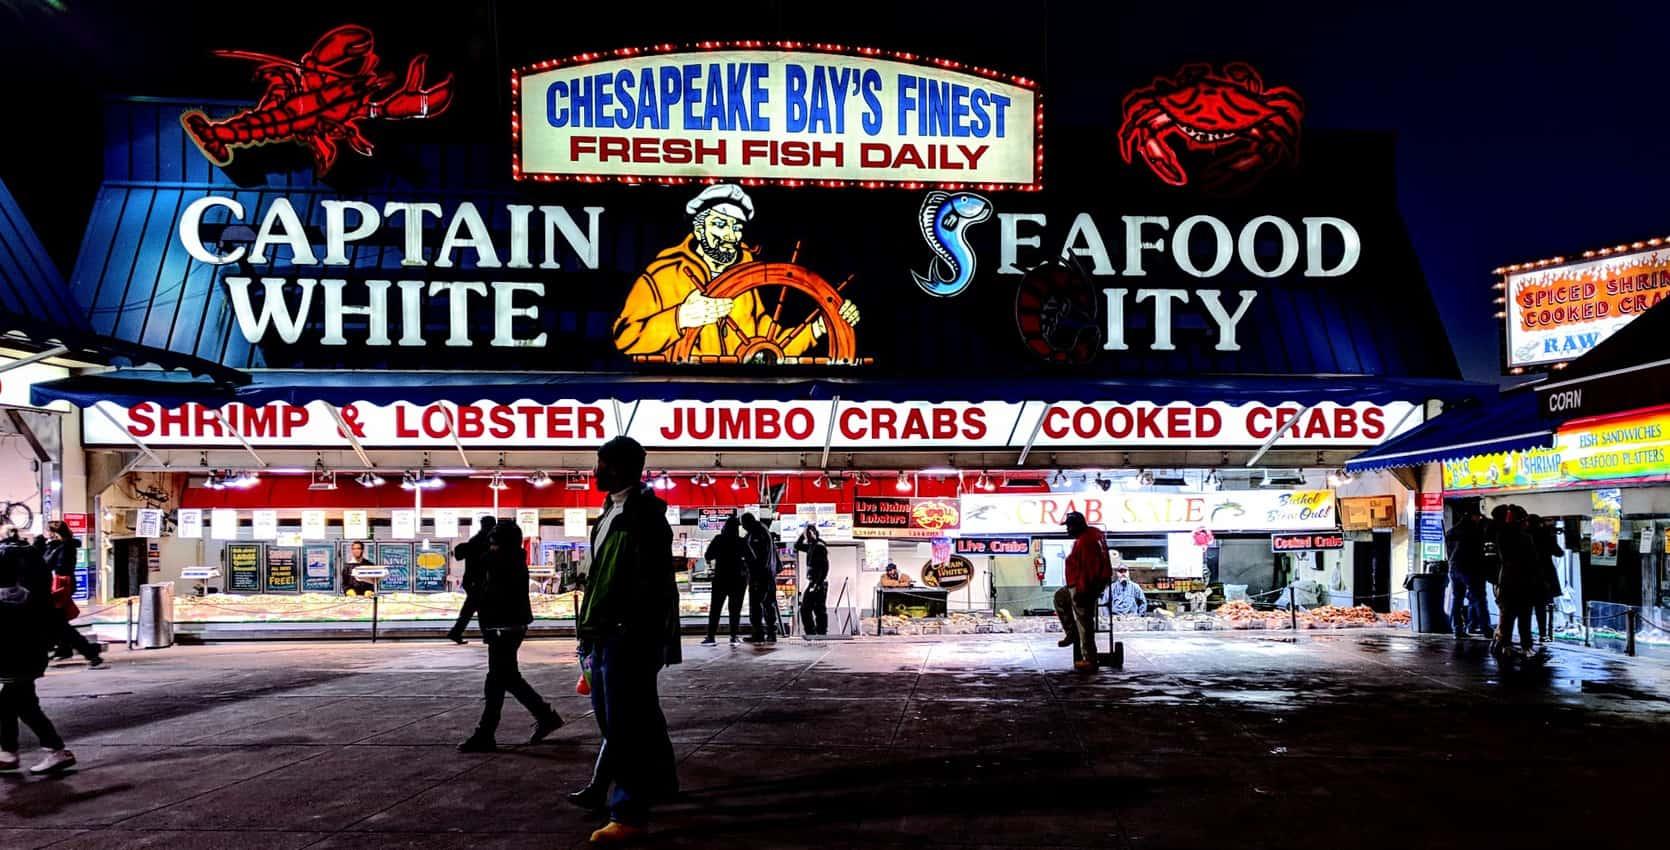 Maine Avenue Fish Market in D.C.